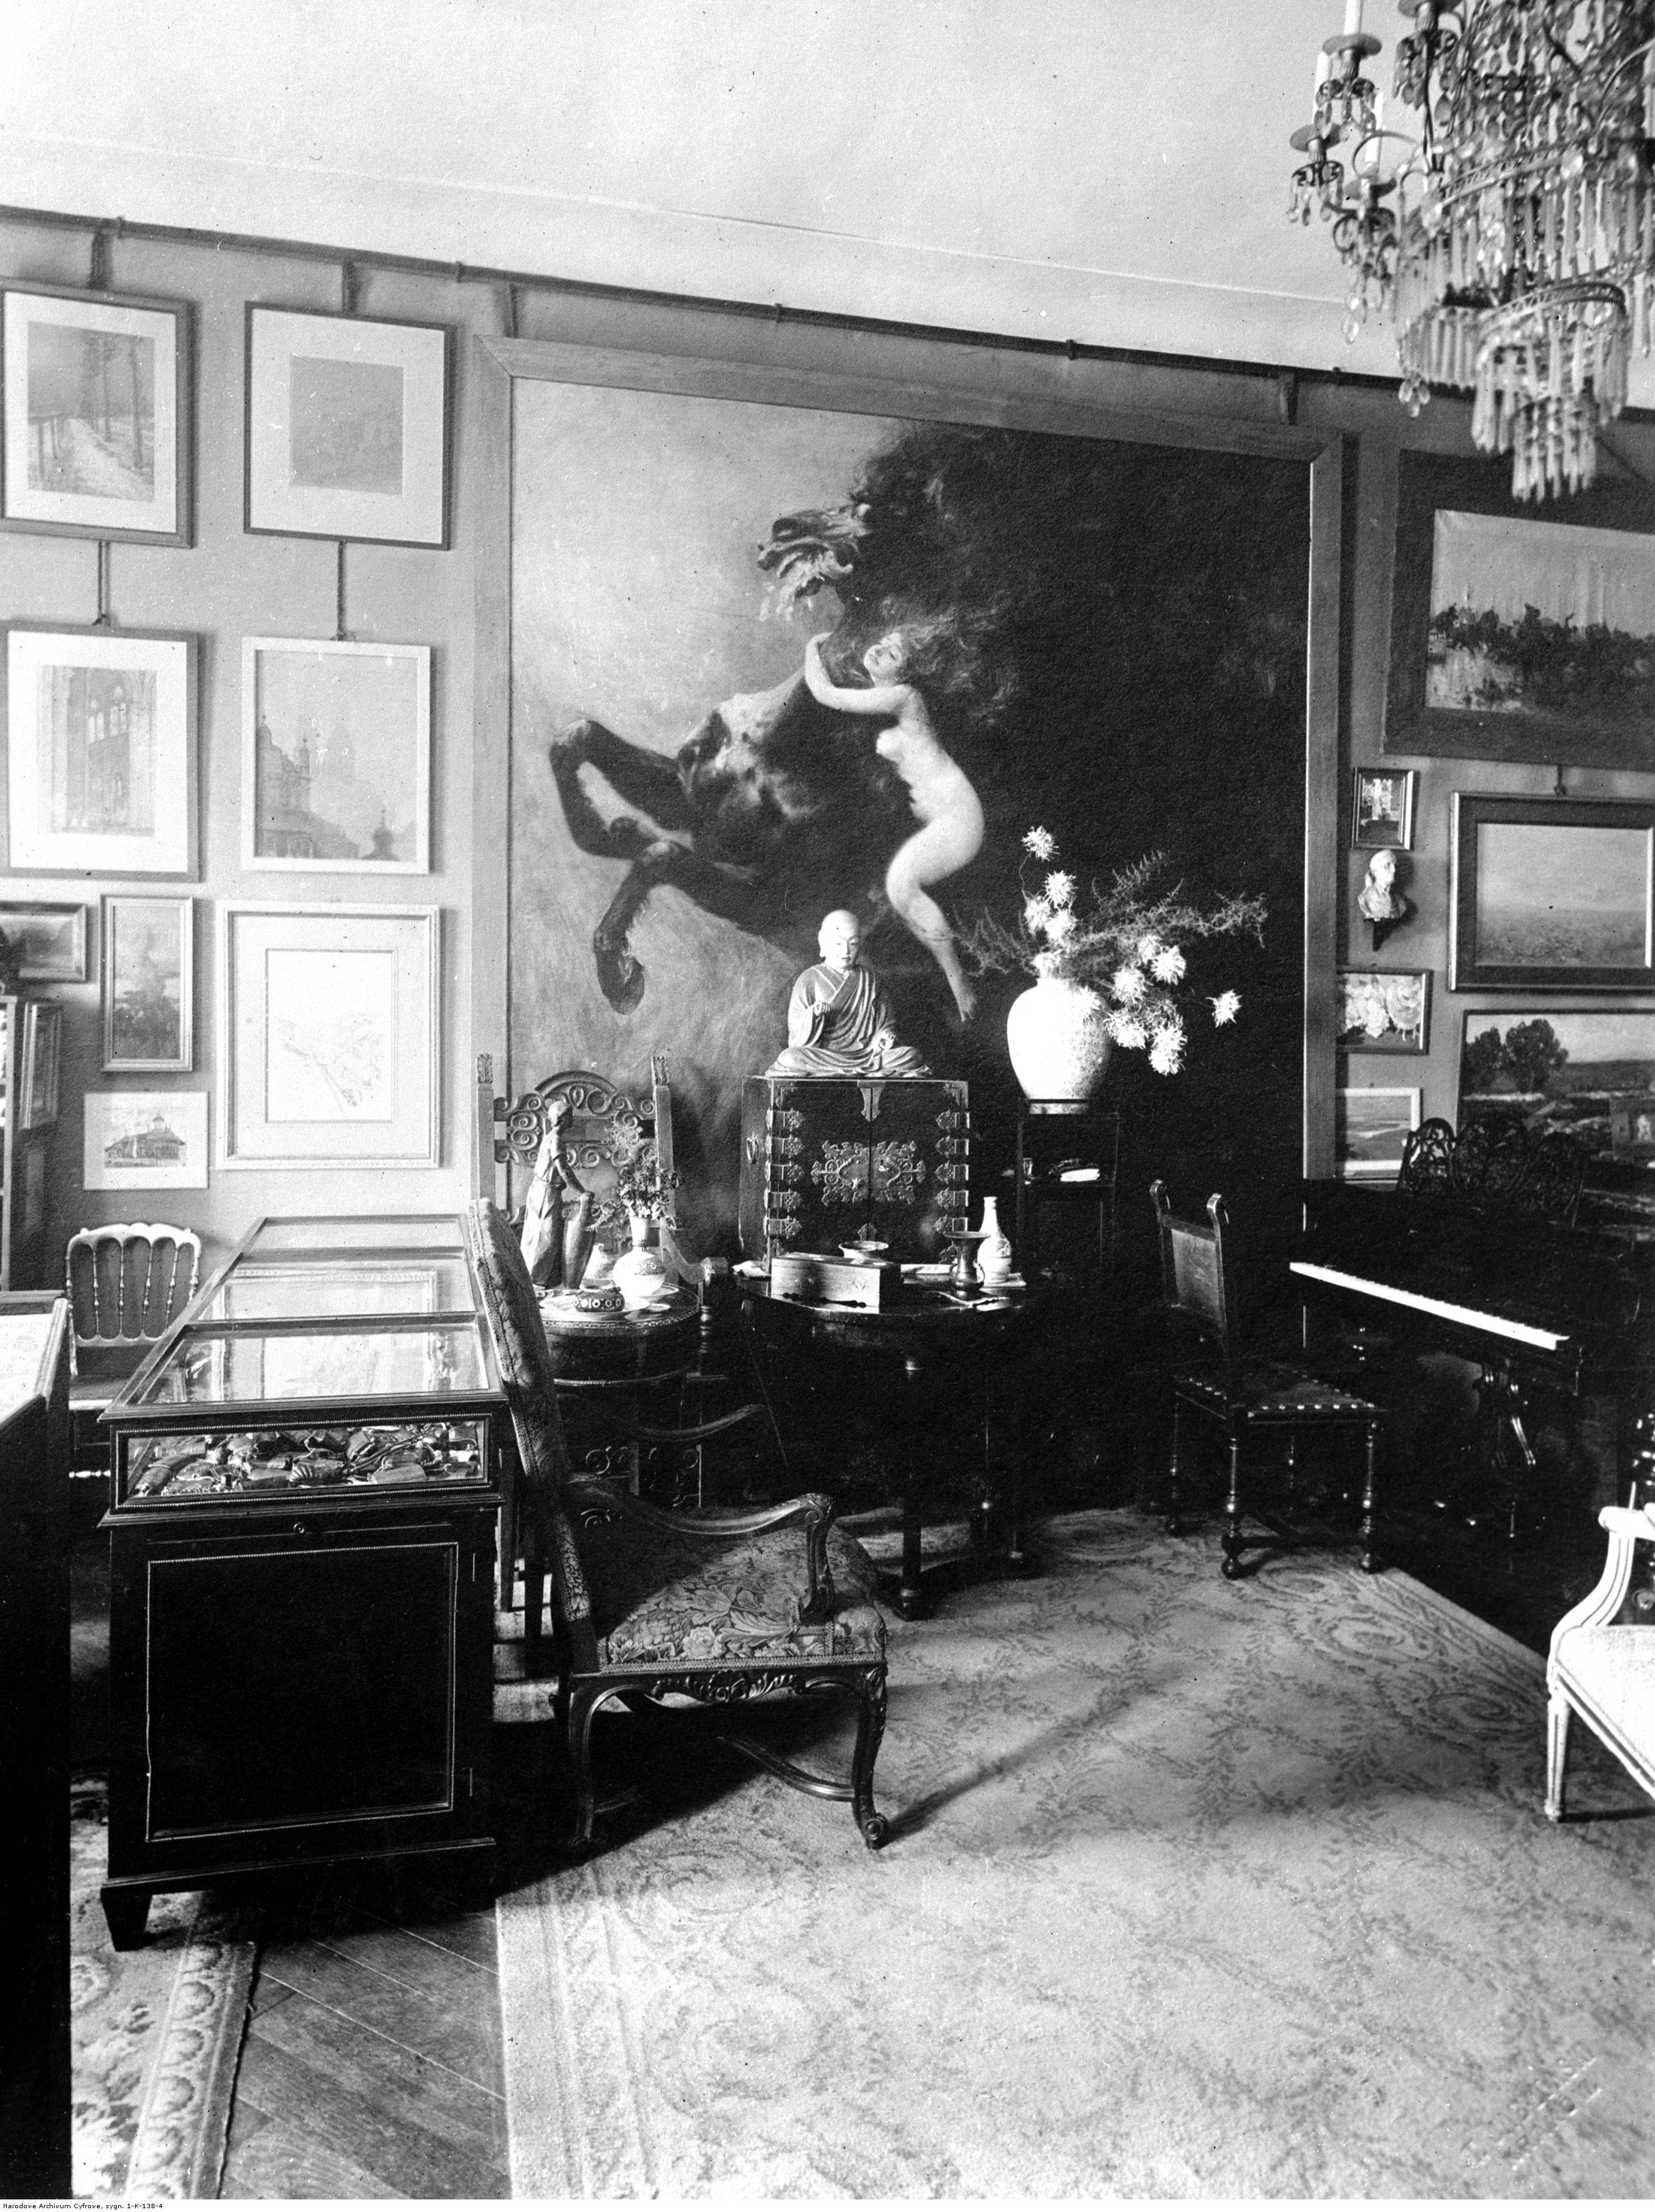 Zbiory Feliksa Jasieńskiego w jego prywatnym mieszkaniu, 1926 rok, źródło: Narodowe Archiwum Cyfrowe